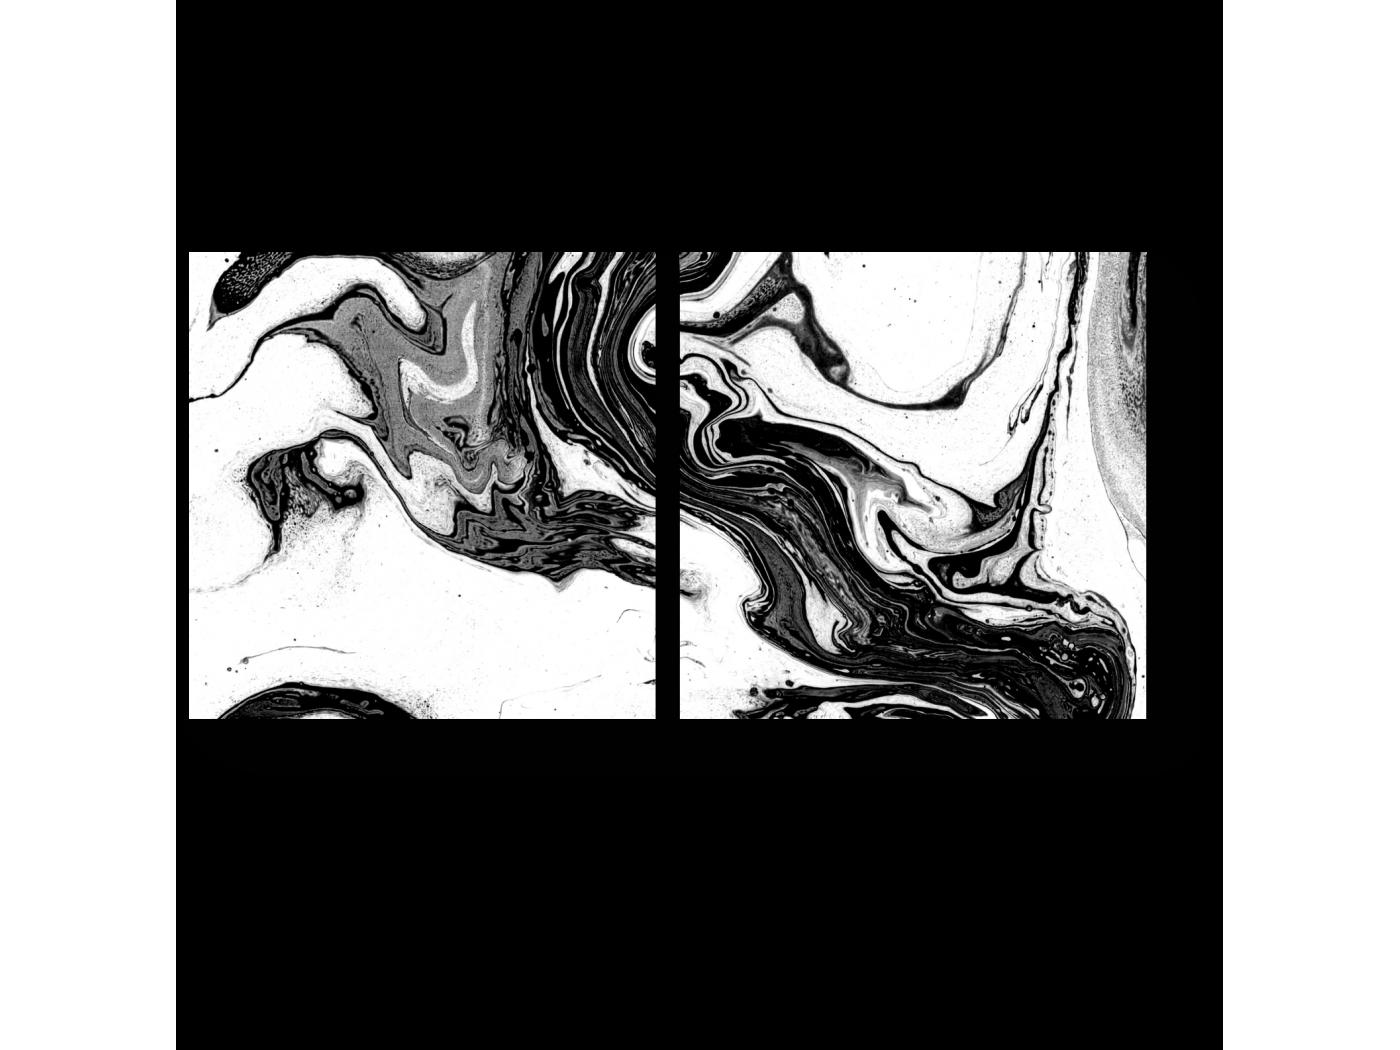 Модульная картина Искусное смешение (40x20) фото